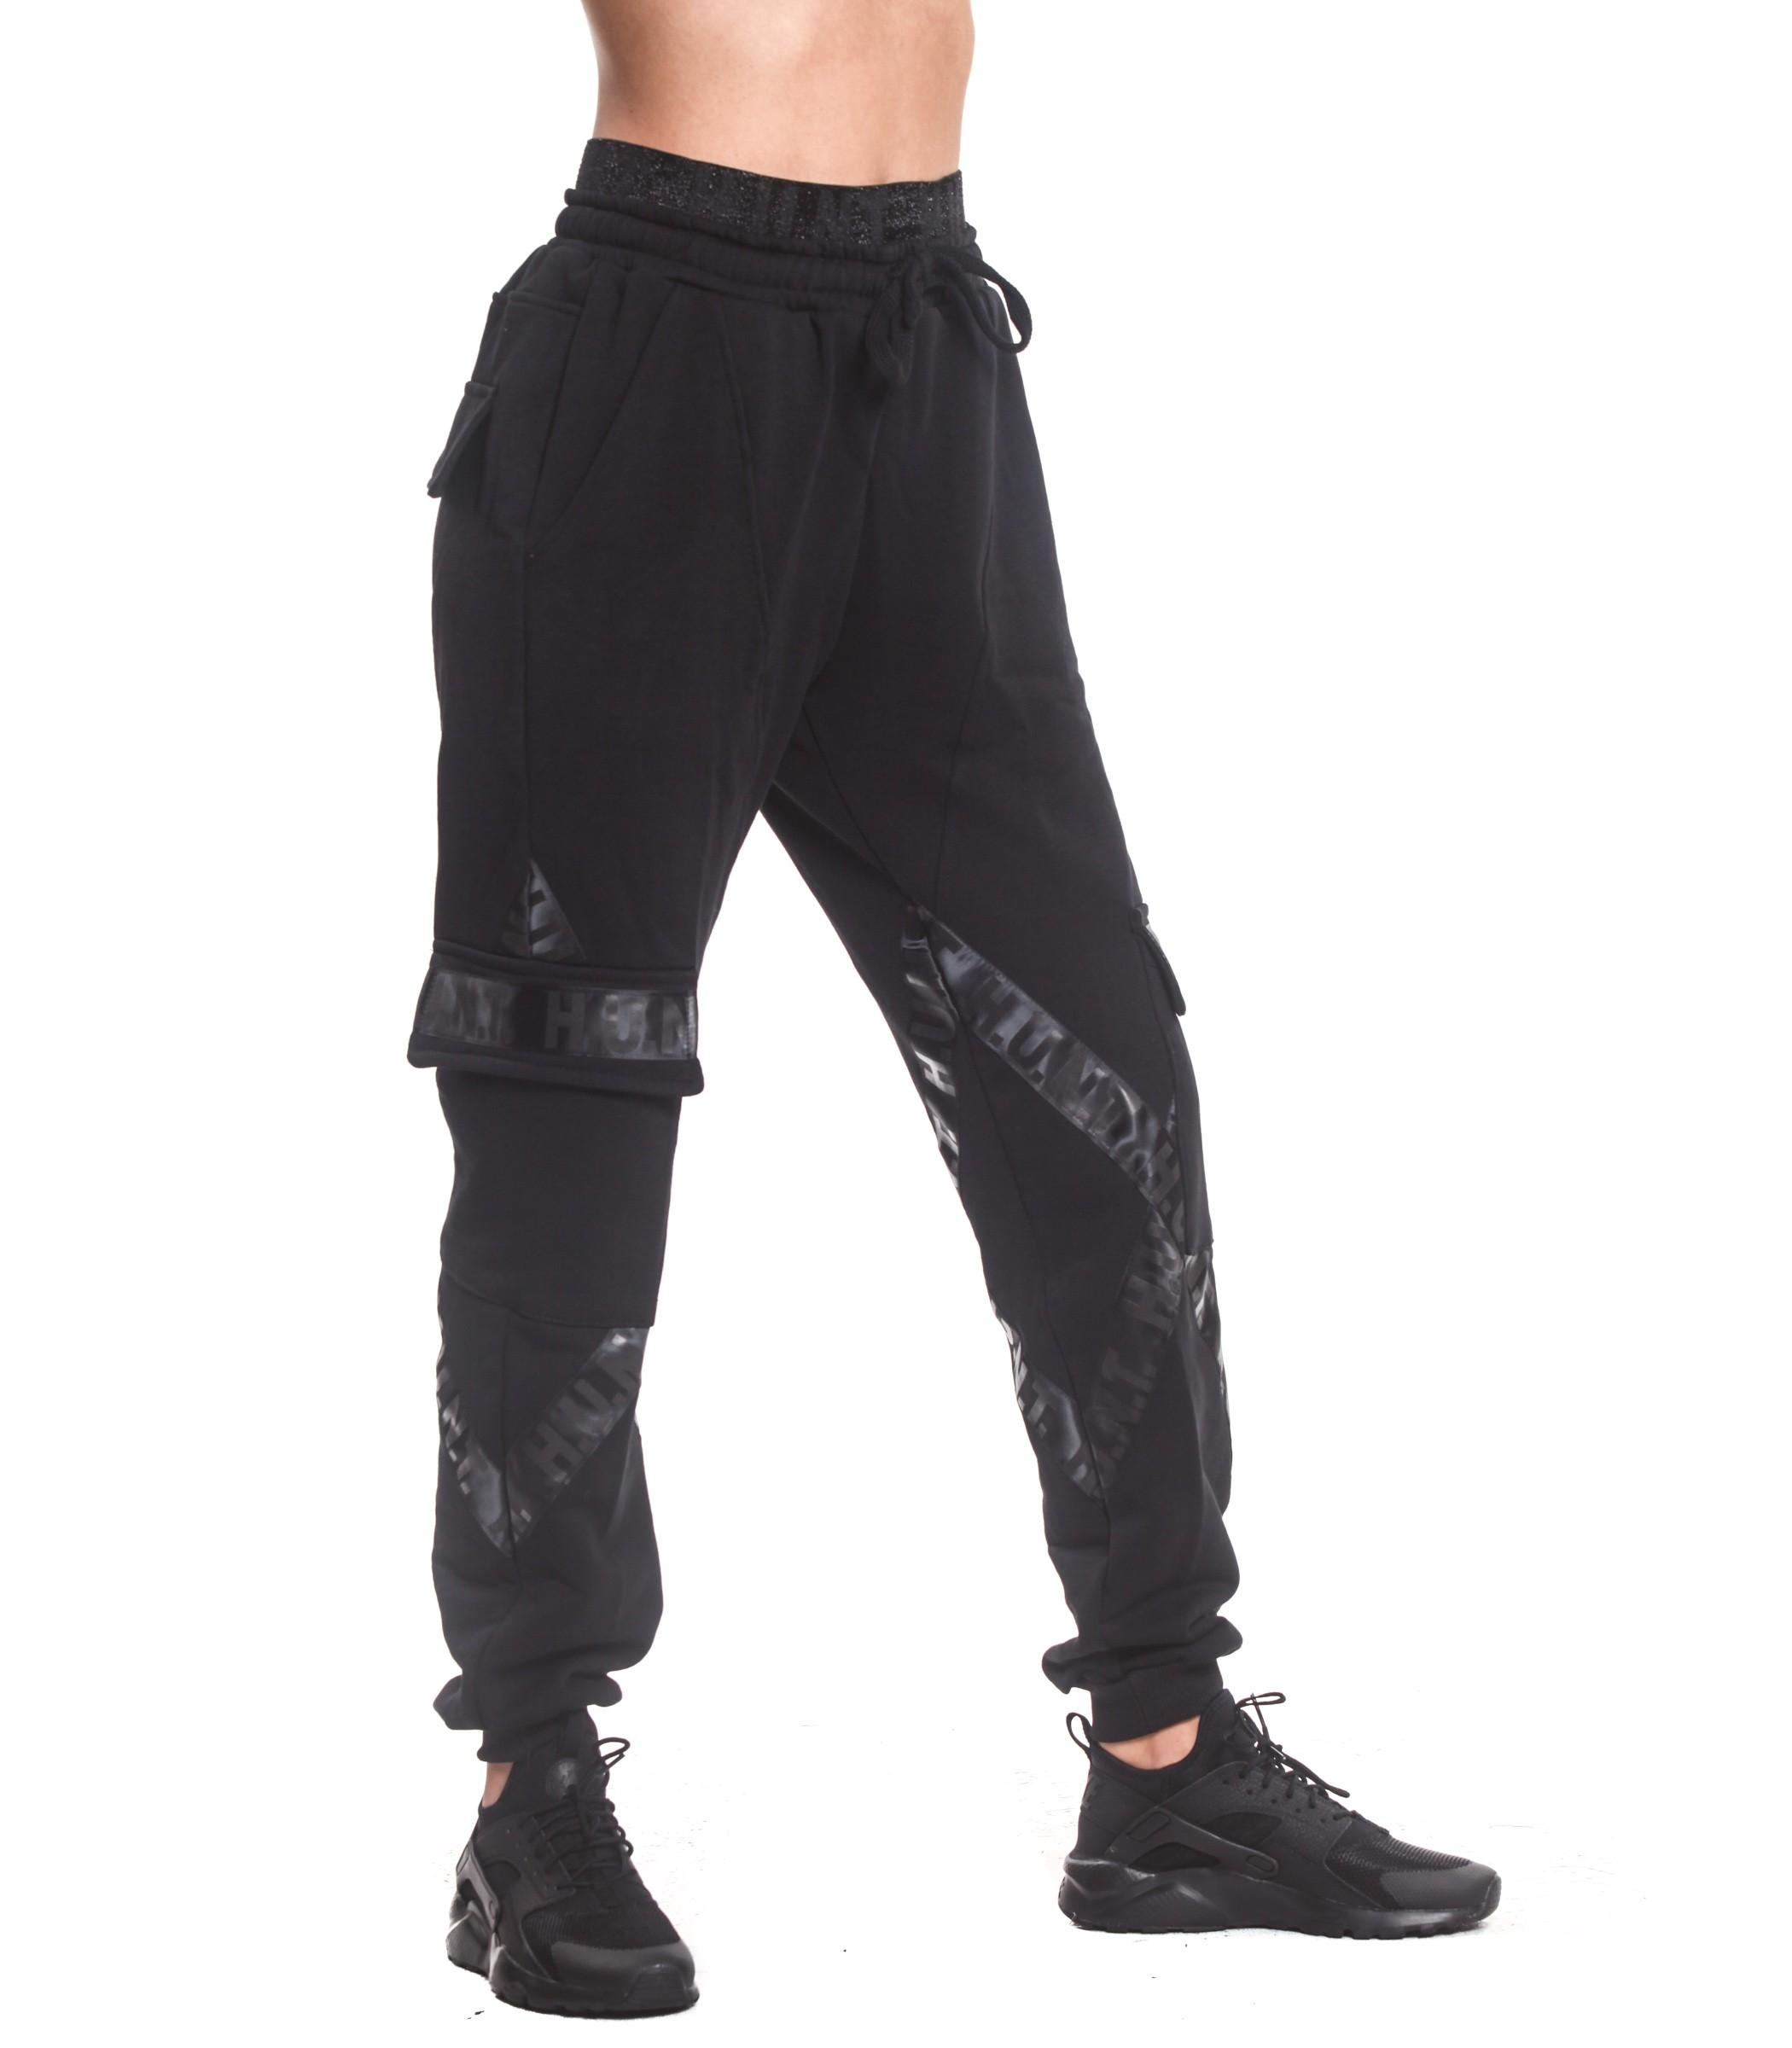 8e20d24378 Pantaloni della tuta cargo H.U.N.T. con tasconi laterali donna HDC811